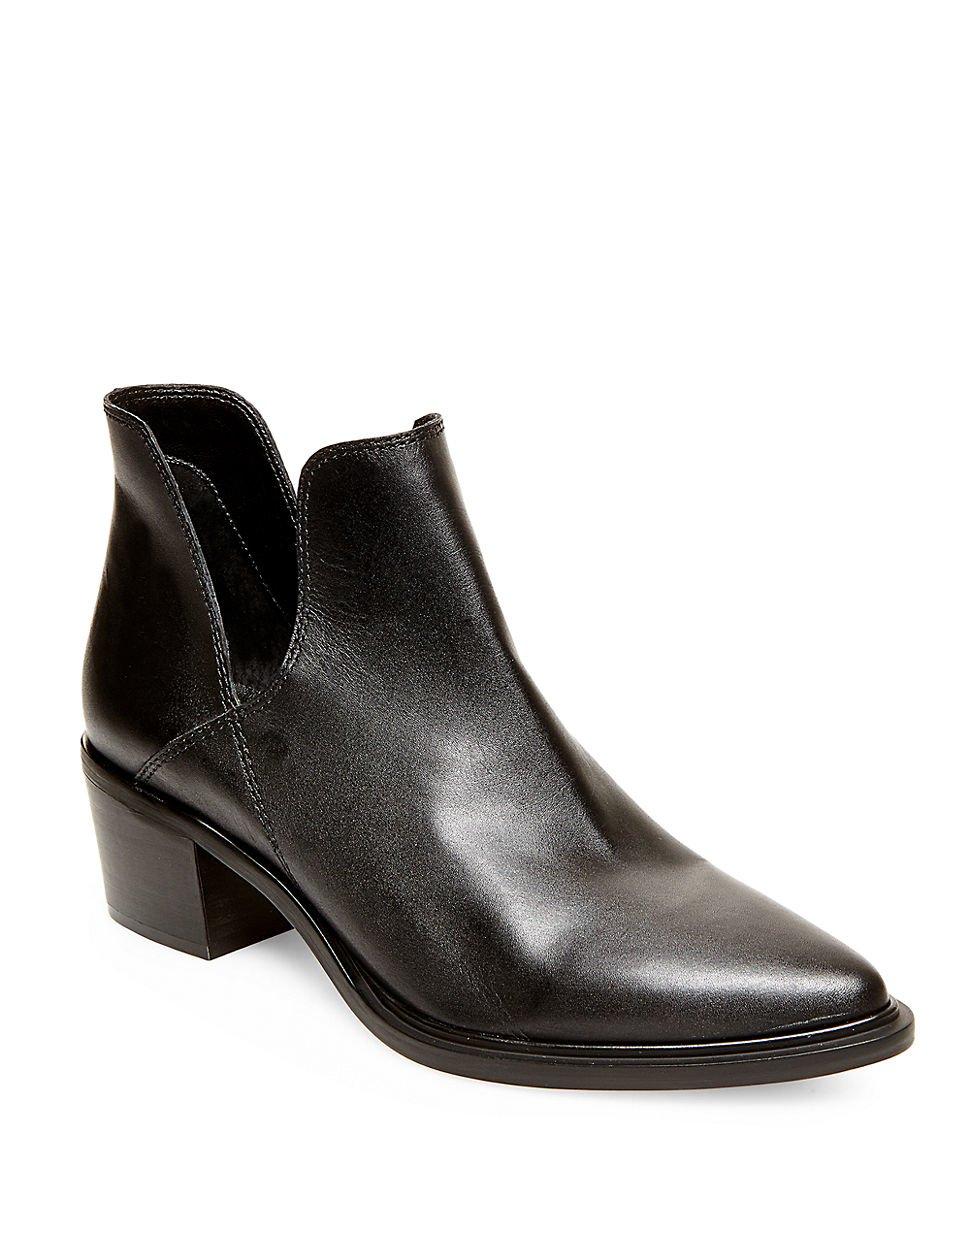 steven by steve madden dextir leather ankle boots in black. Black Bedroom Furniture Sets. Home Design Ideas